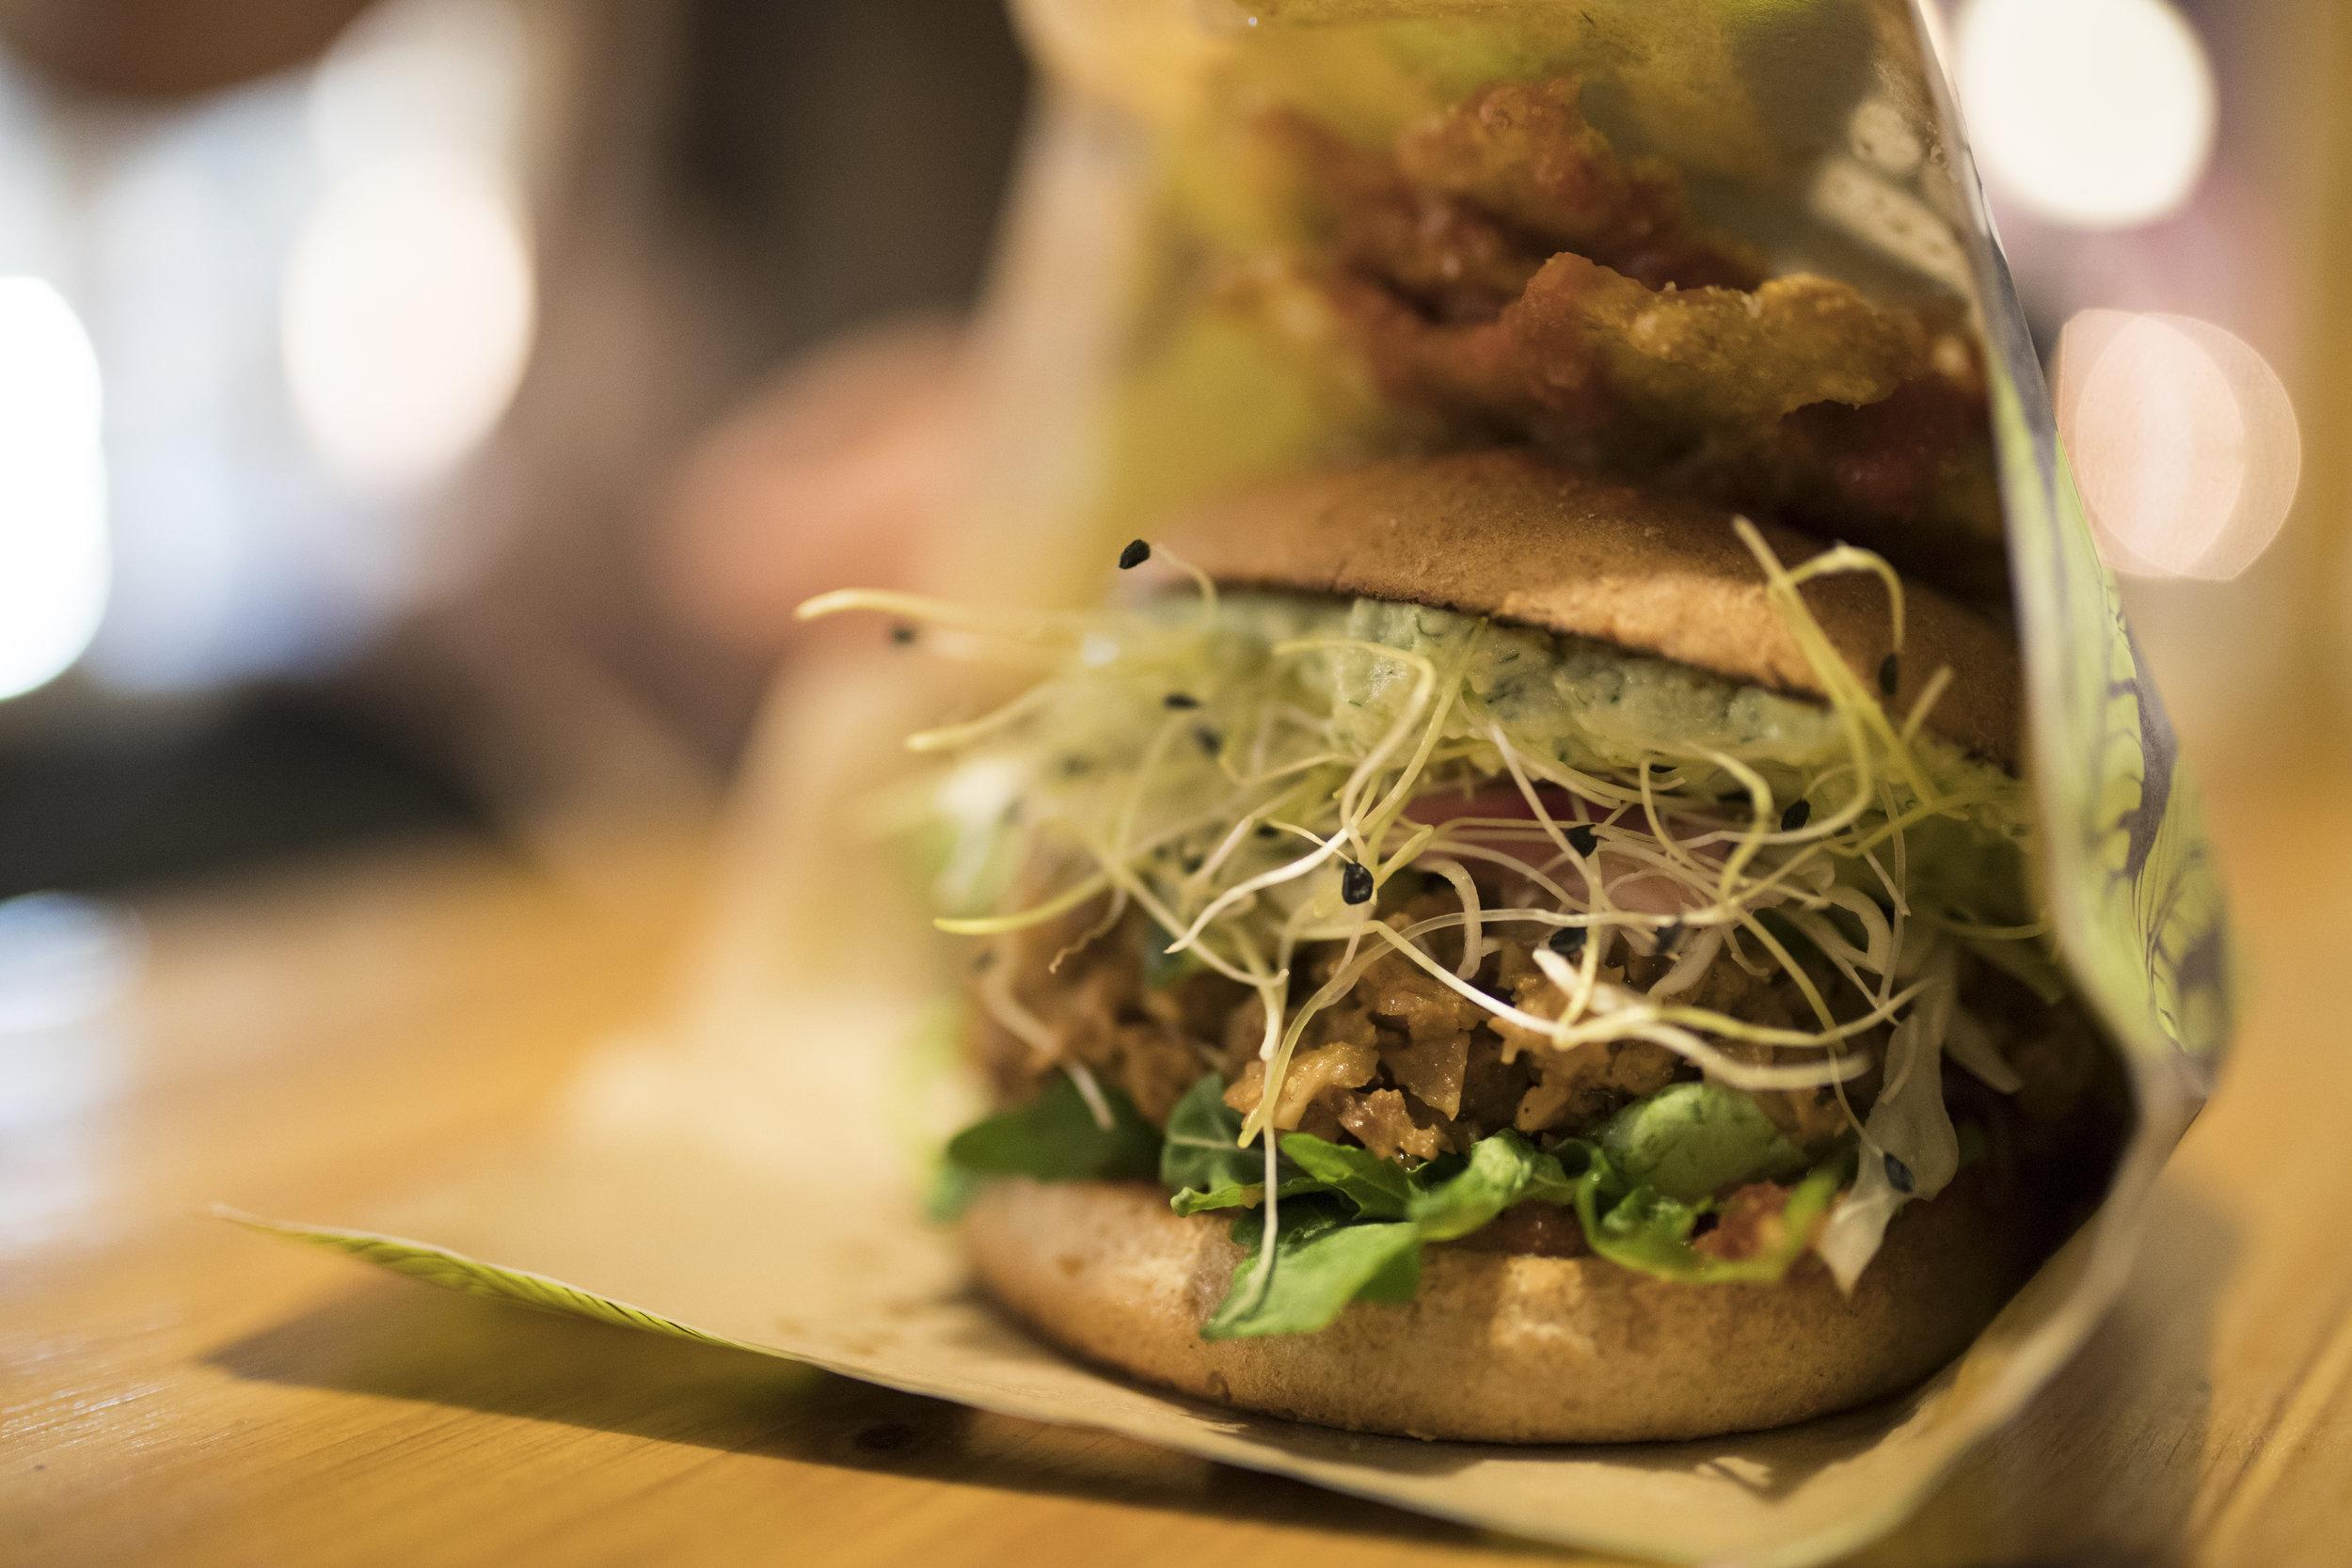 _KF_1423Kopenhagen Burger_KF_1423.JPG